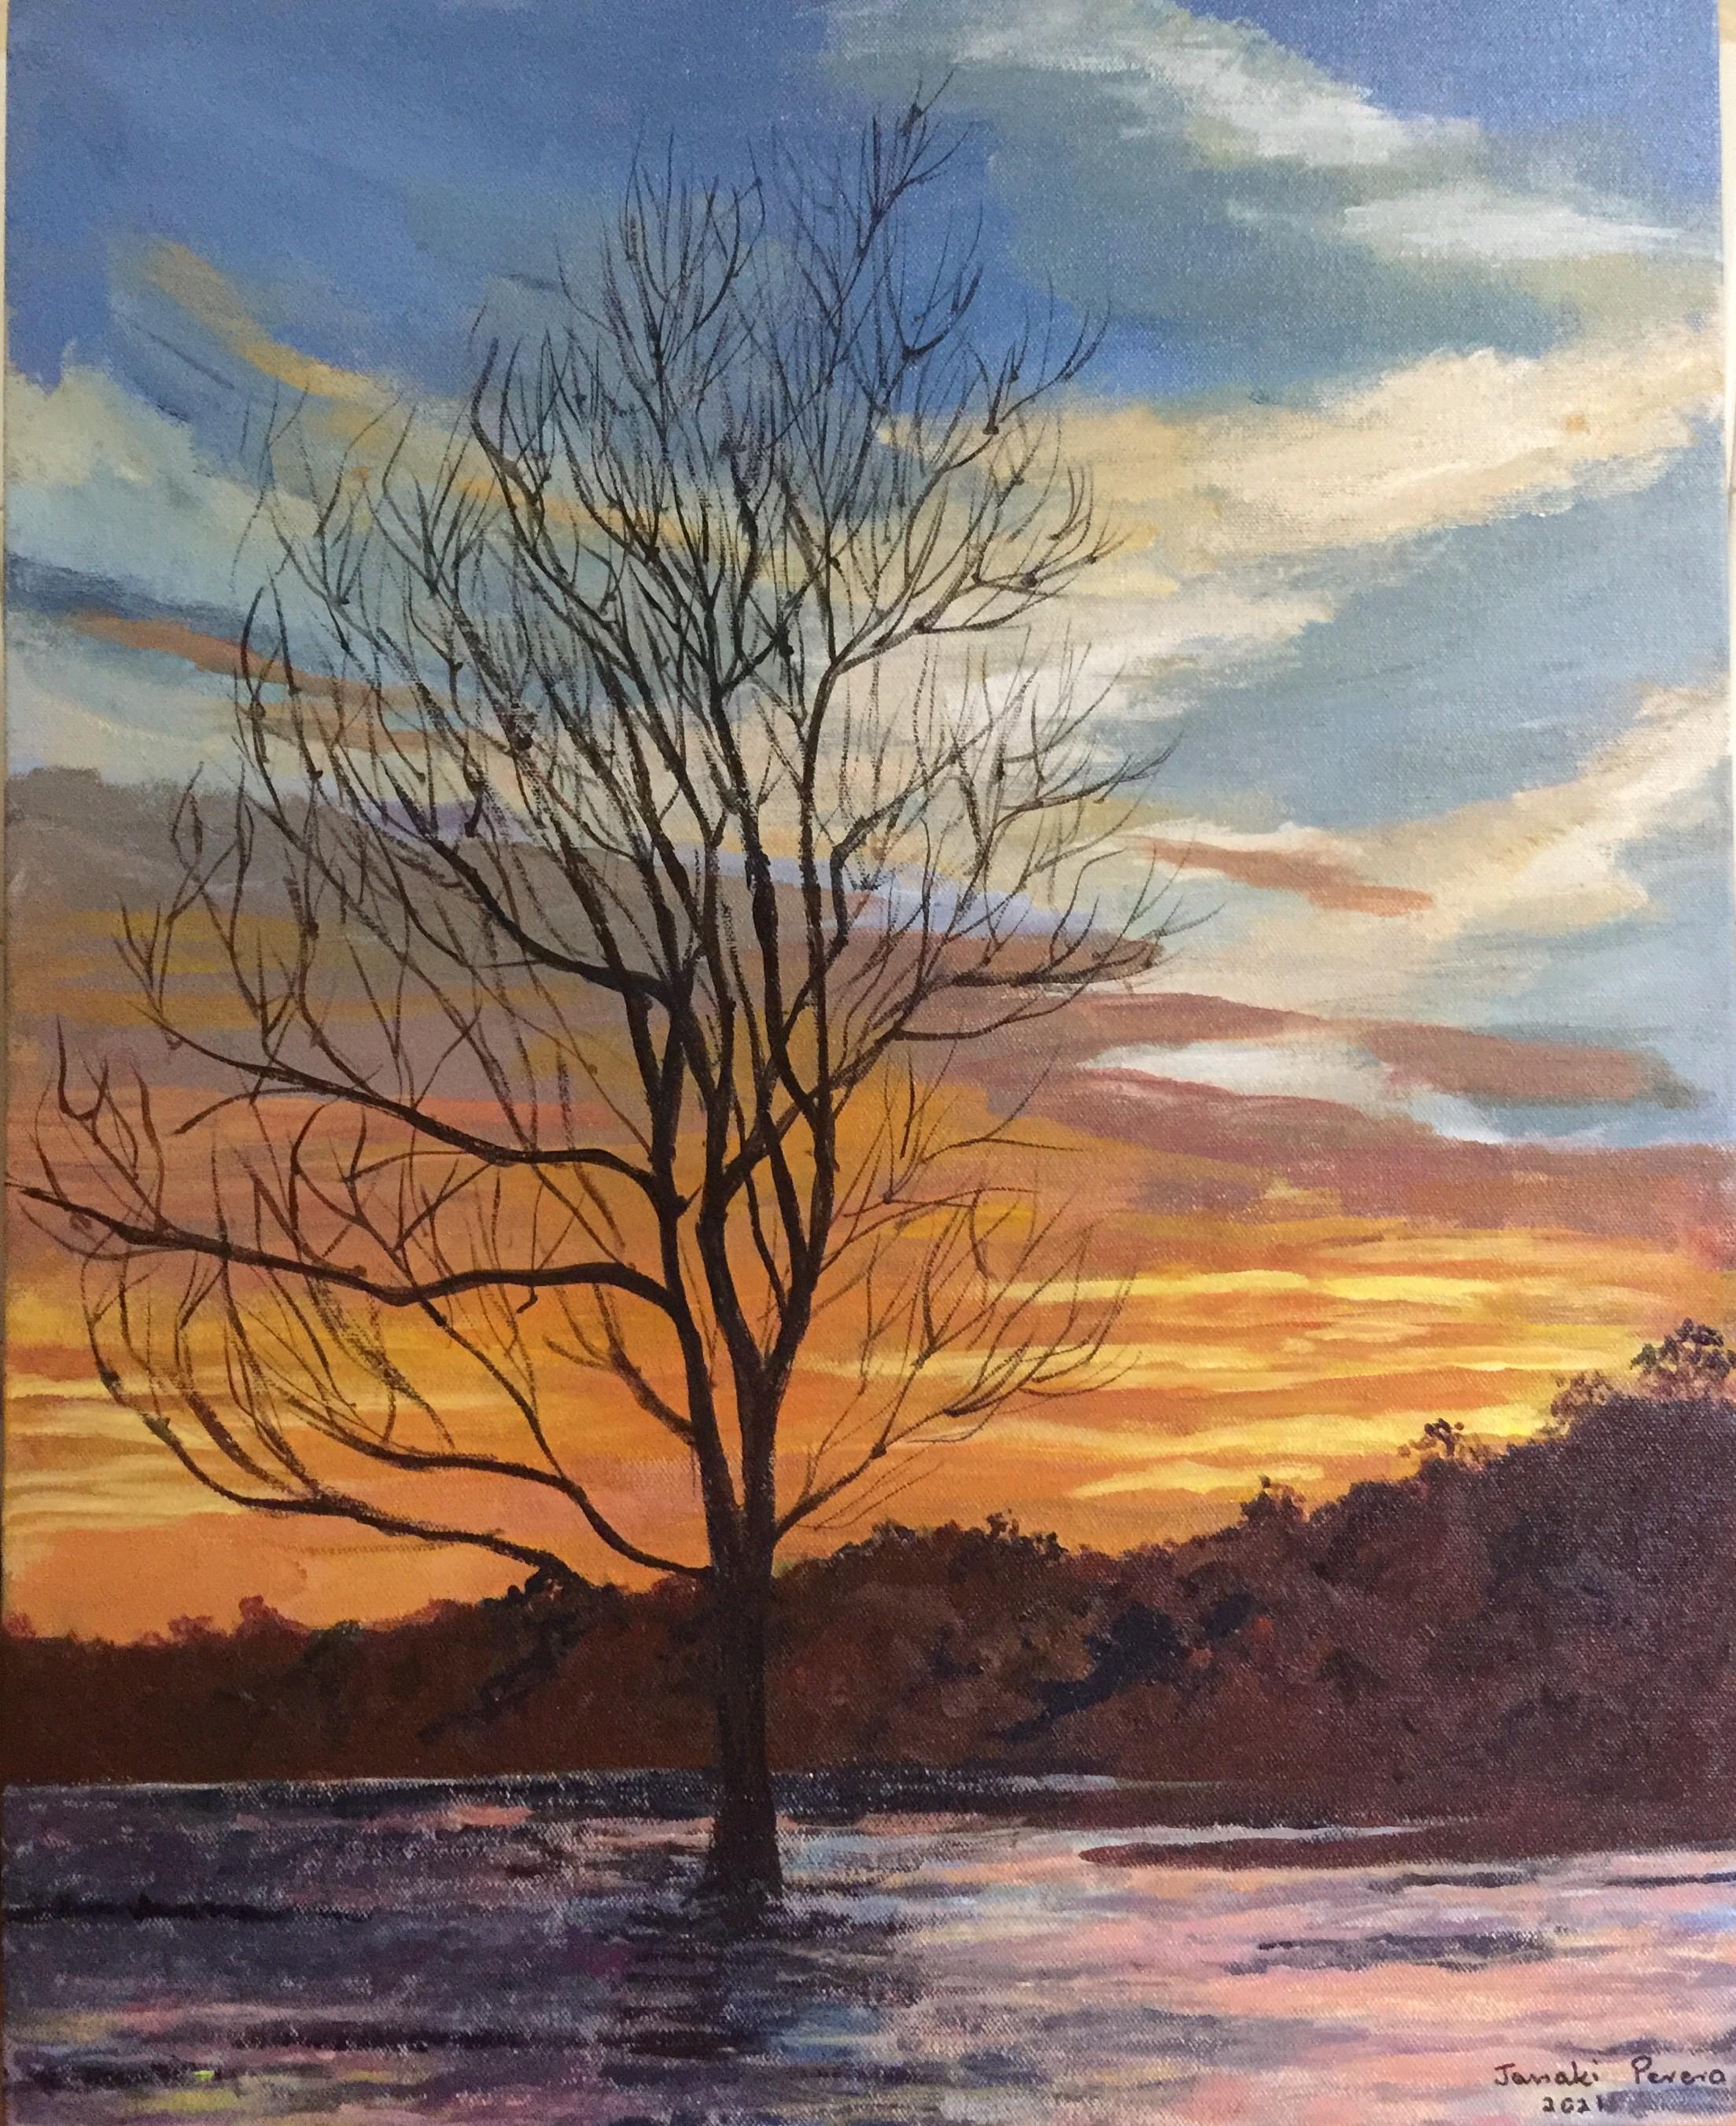 Sunset by Janaki Perera